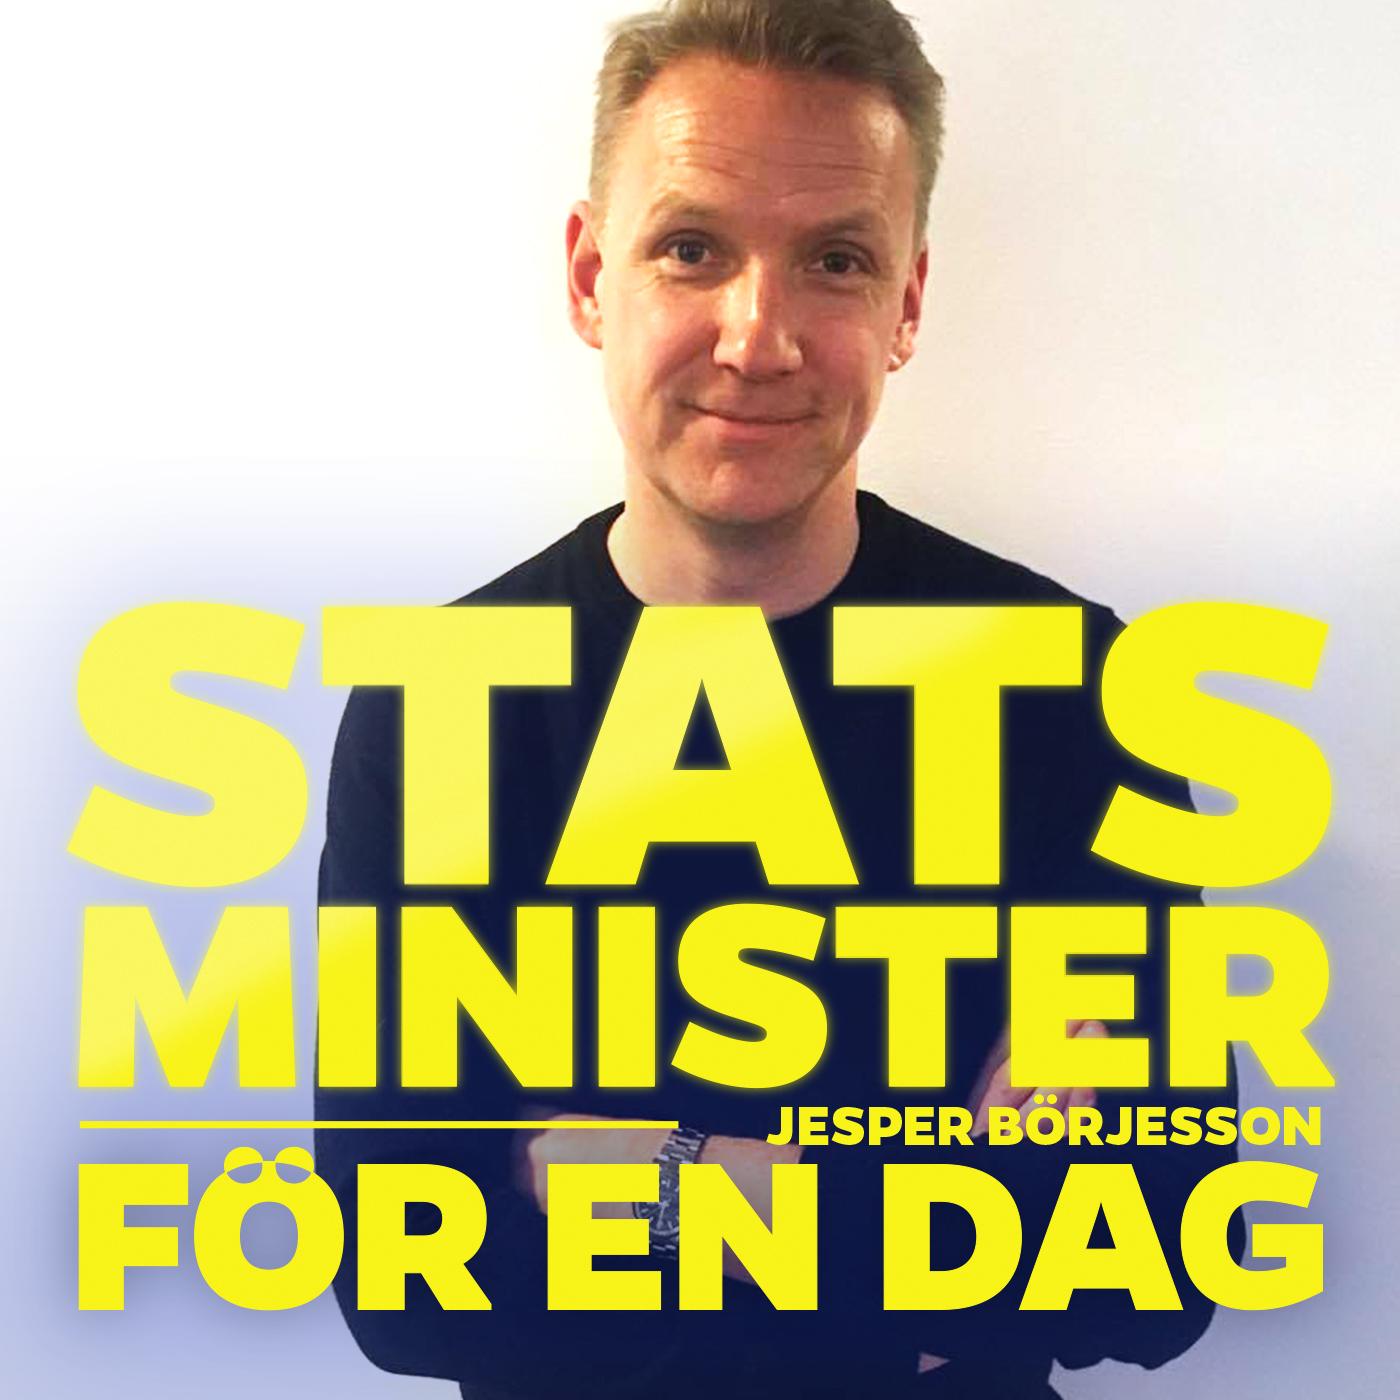 Jesper Börjesson är statsminister för en dag.